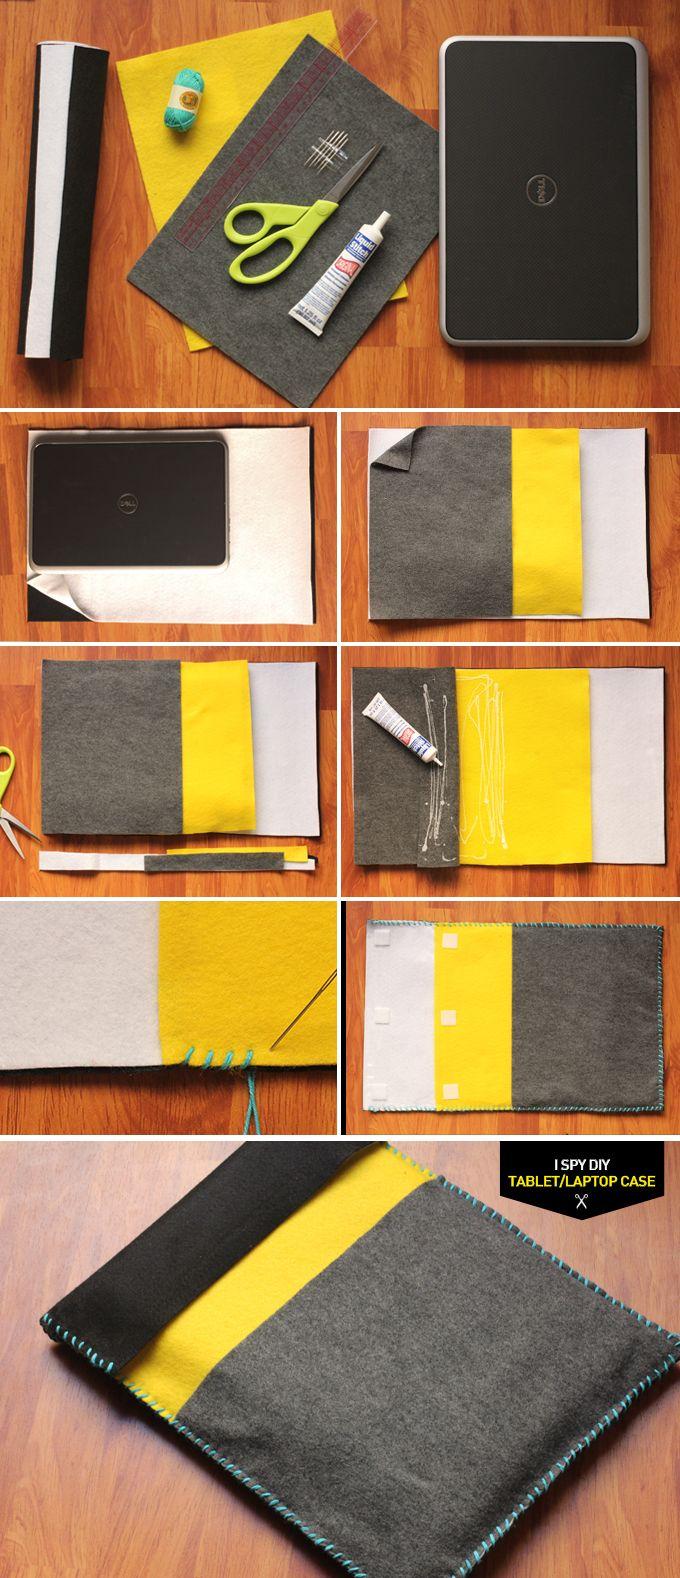 Einfache Anleitung für eine Tablet- oder Laptophülle!  DIY: laptop/tablet case